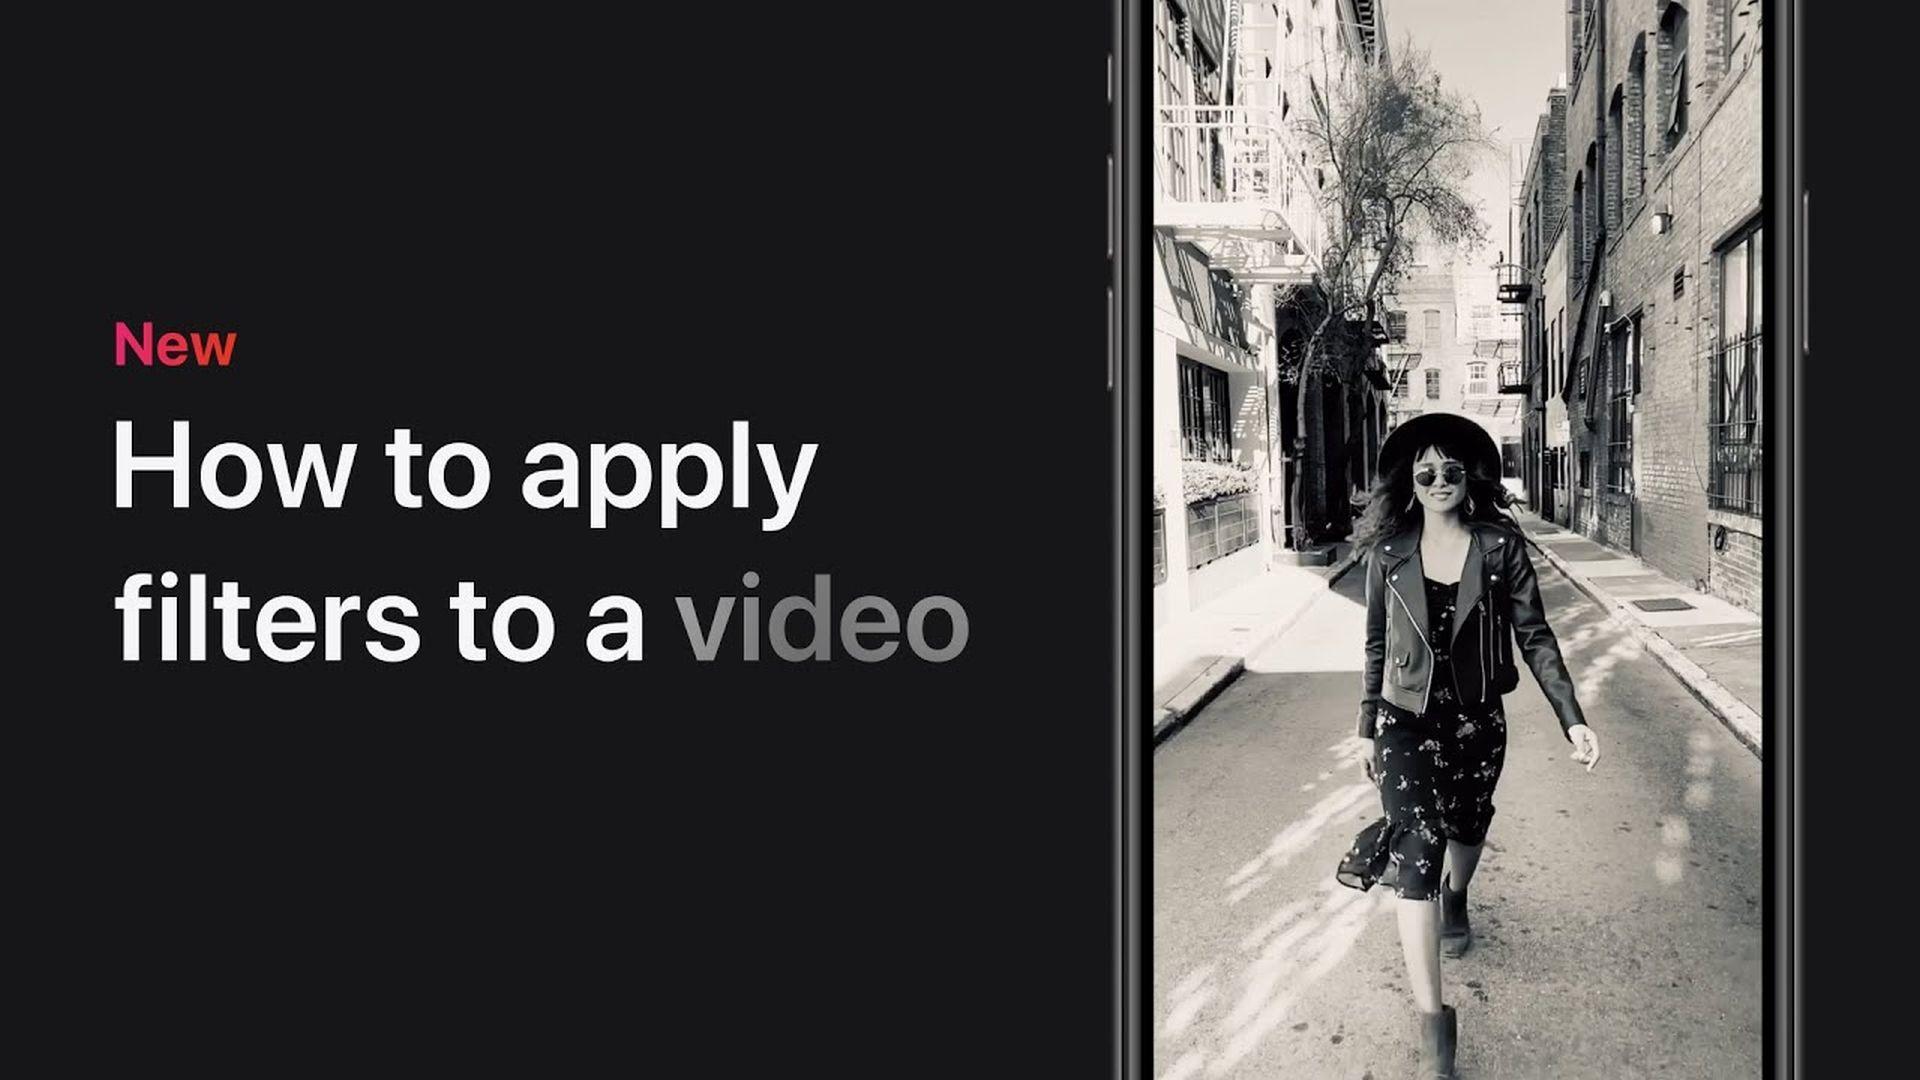 Poradnik Apple: Jak nałożyć filtry na film w iPhonie i iPadzie